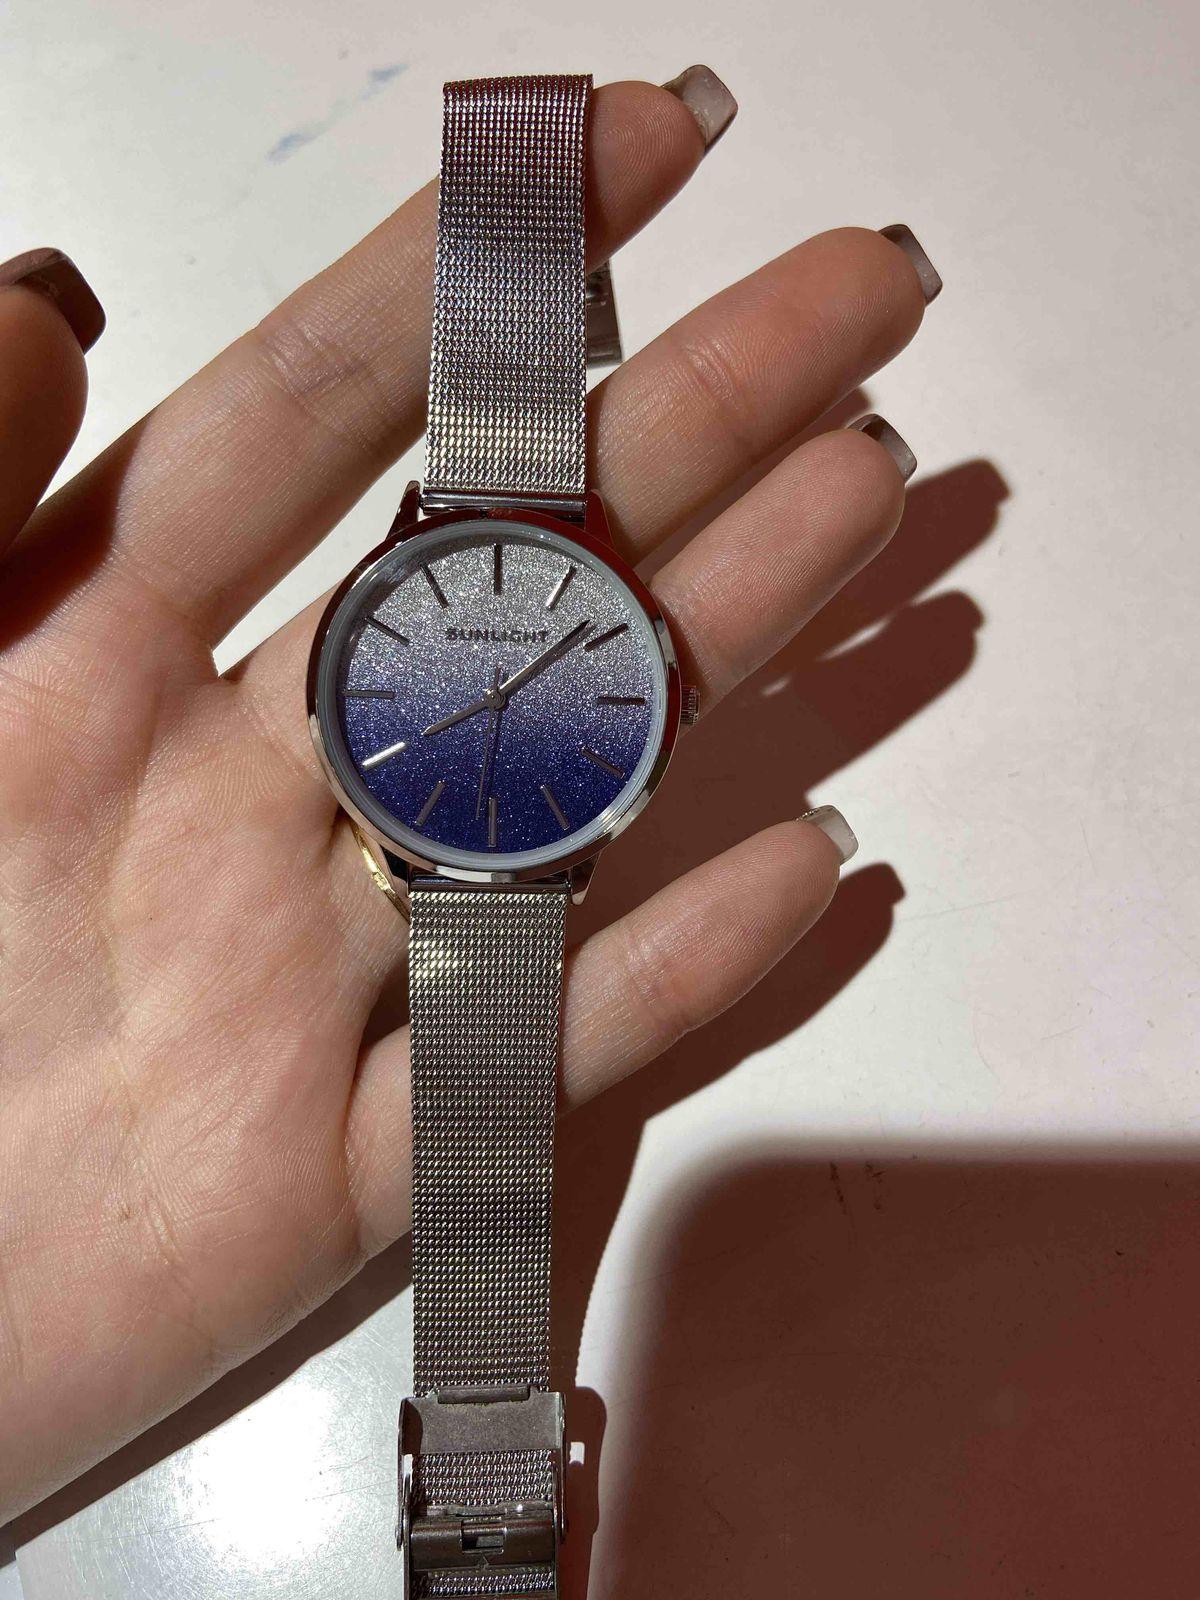 Отличный выбор, классные часы!